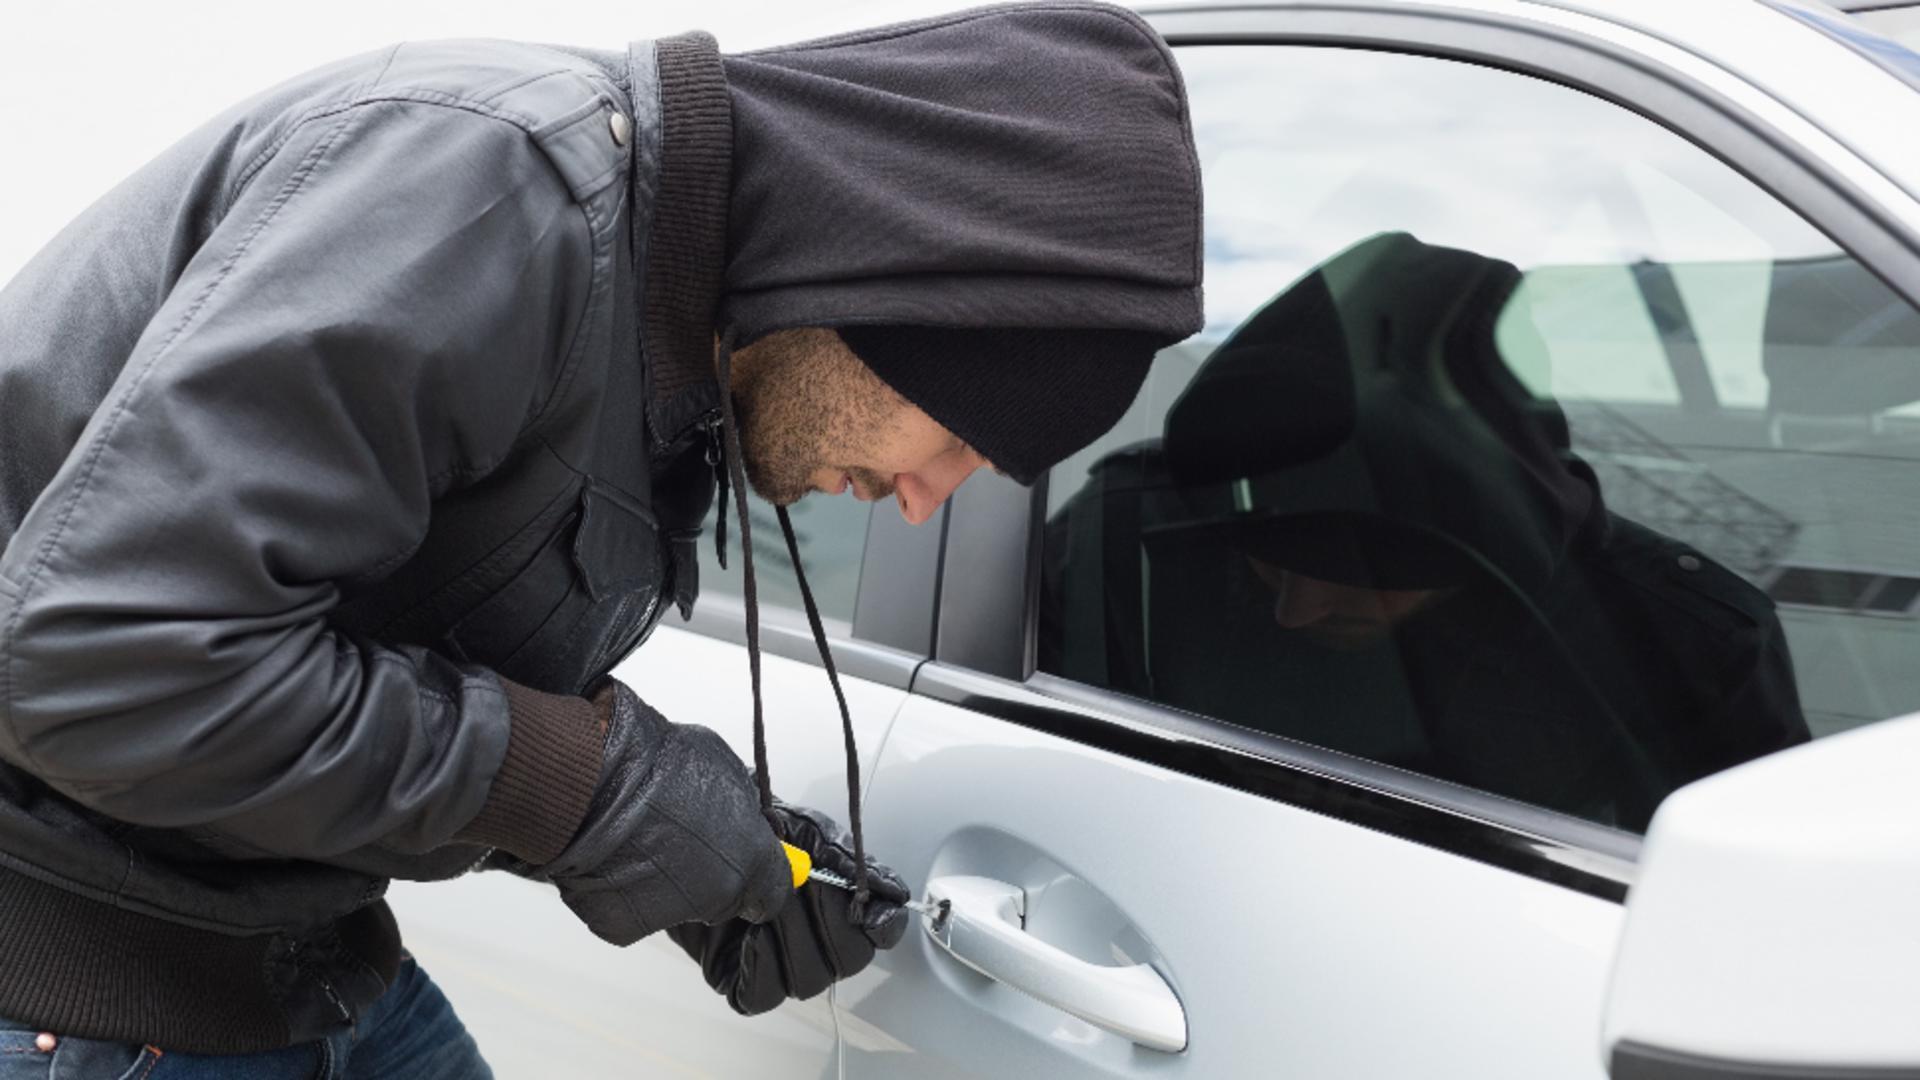 Un hoț consecvent: a furat aceeași mașină de două ori. Foto/Profimedia